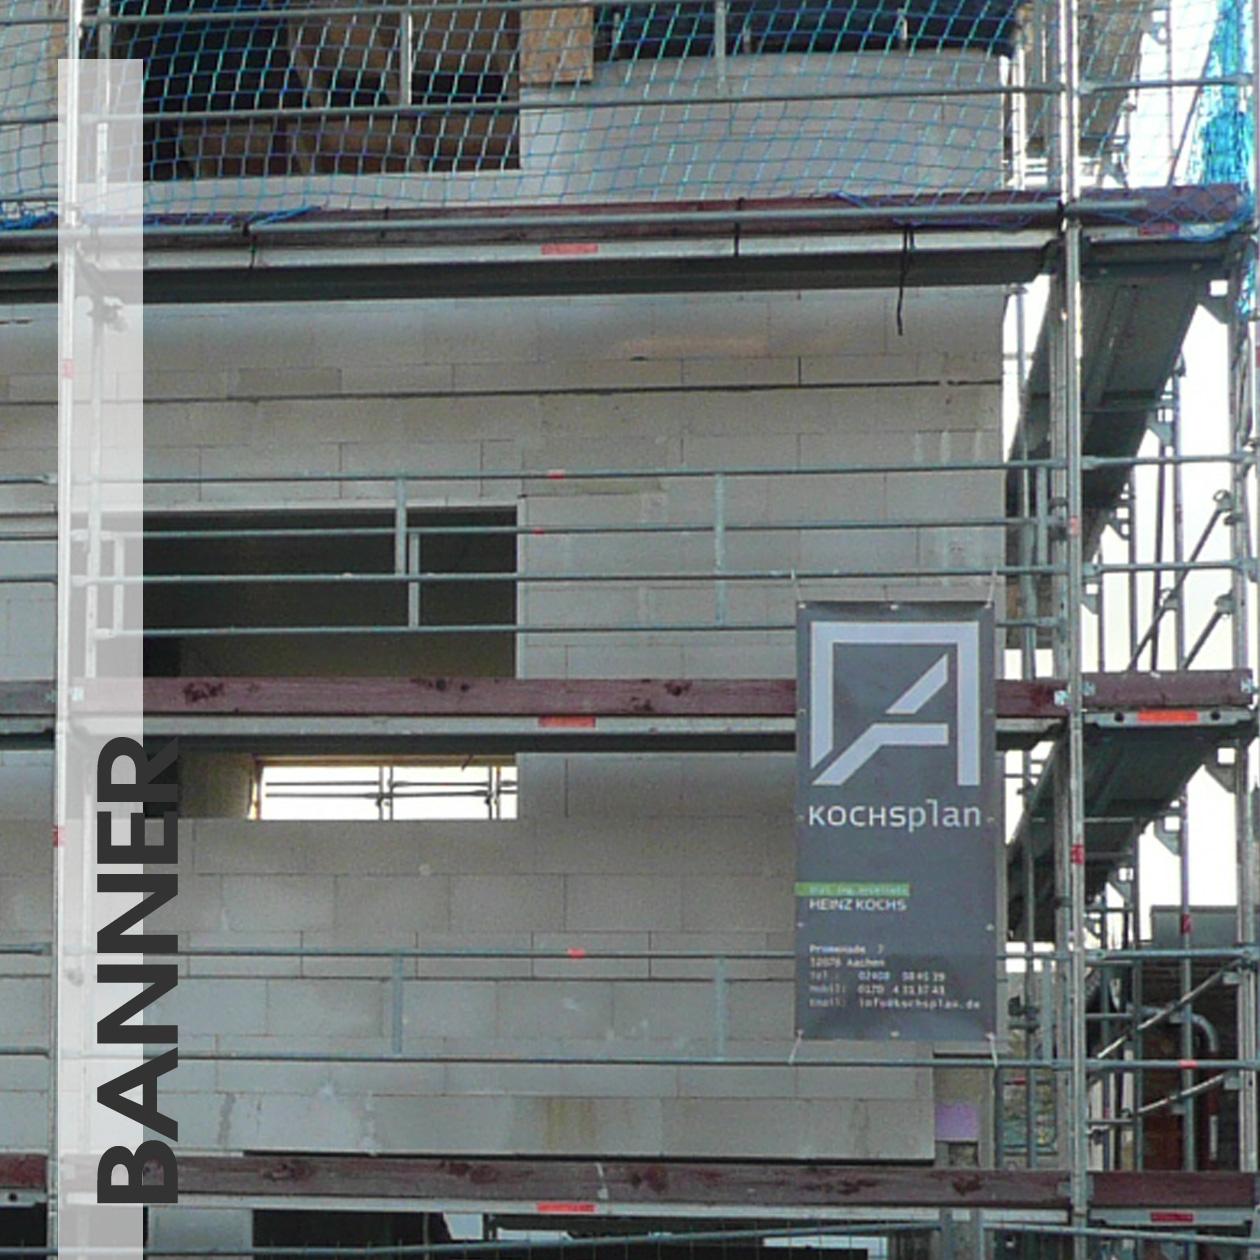 KOCHSPLAN Architekturbüro Aachen